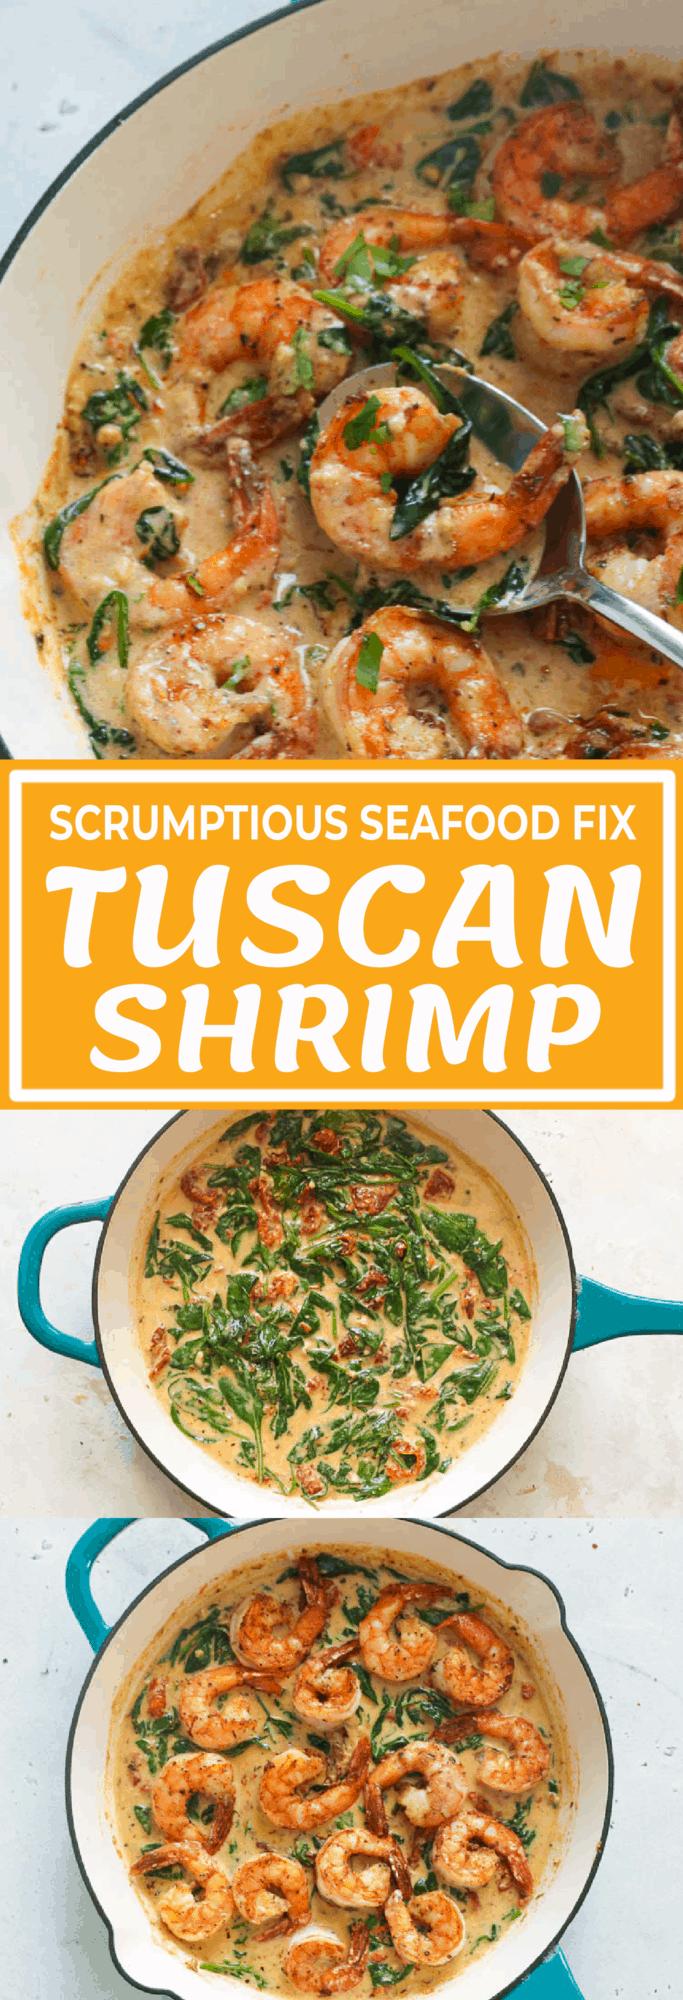 scrumptious seafood fix Tuscan Shrimp